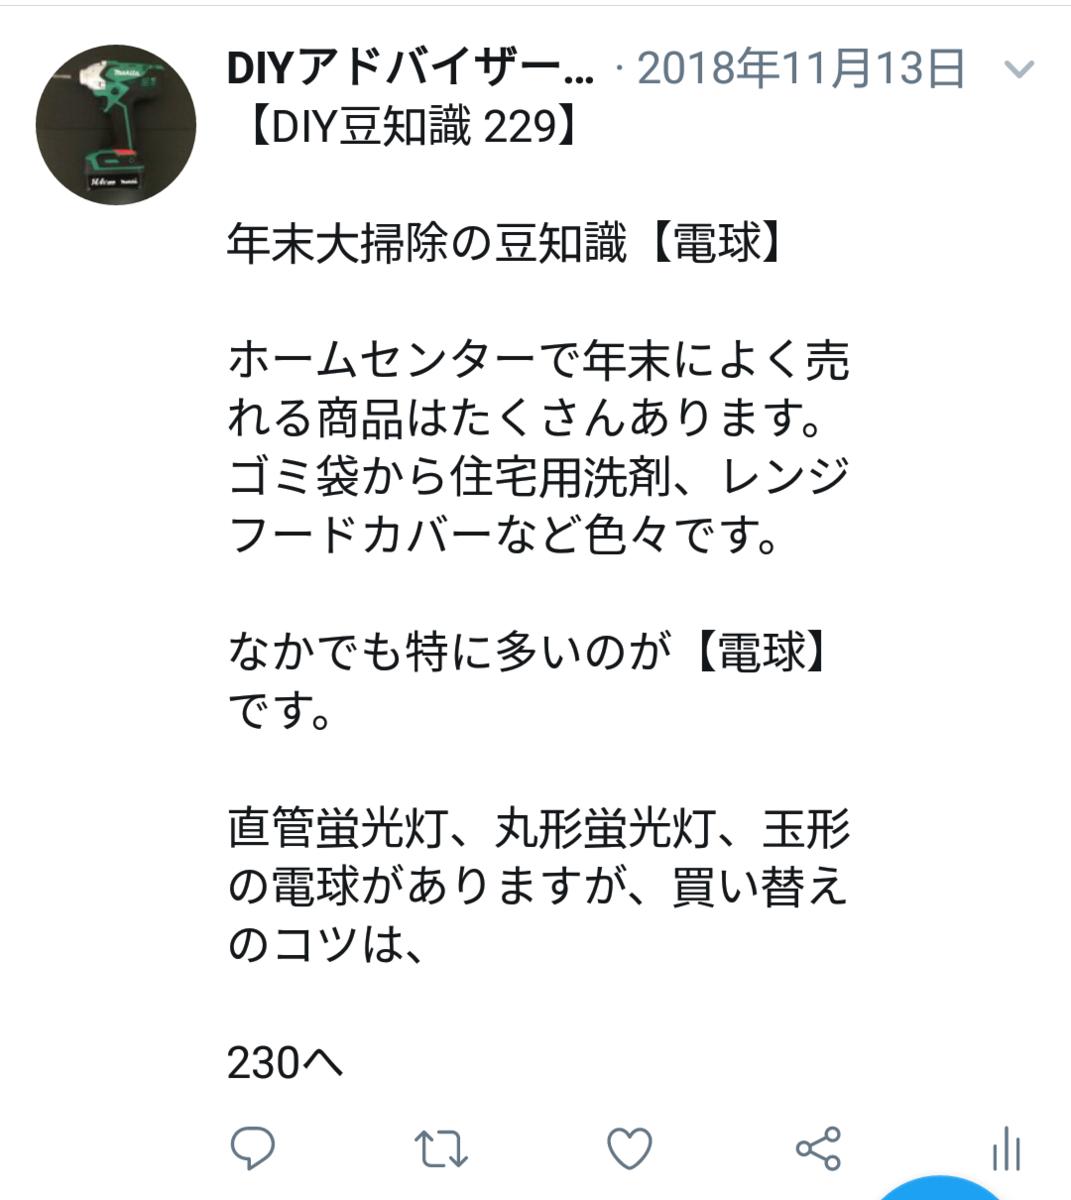 f:id:DIY33:20190408203113p:plain